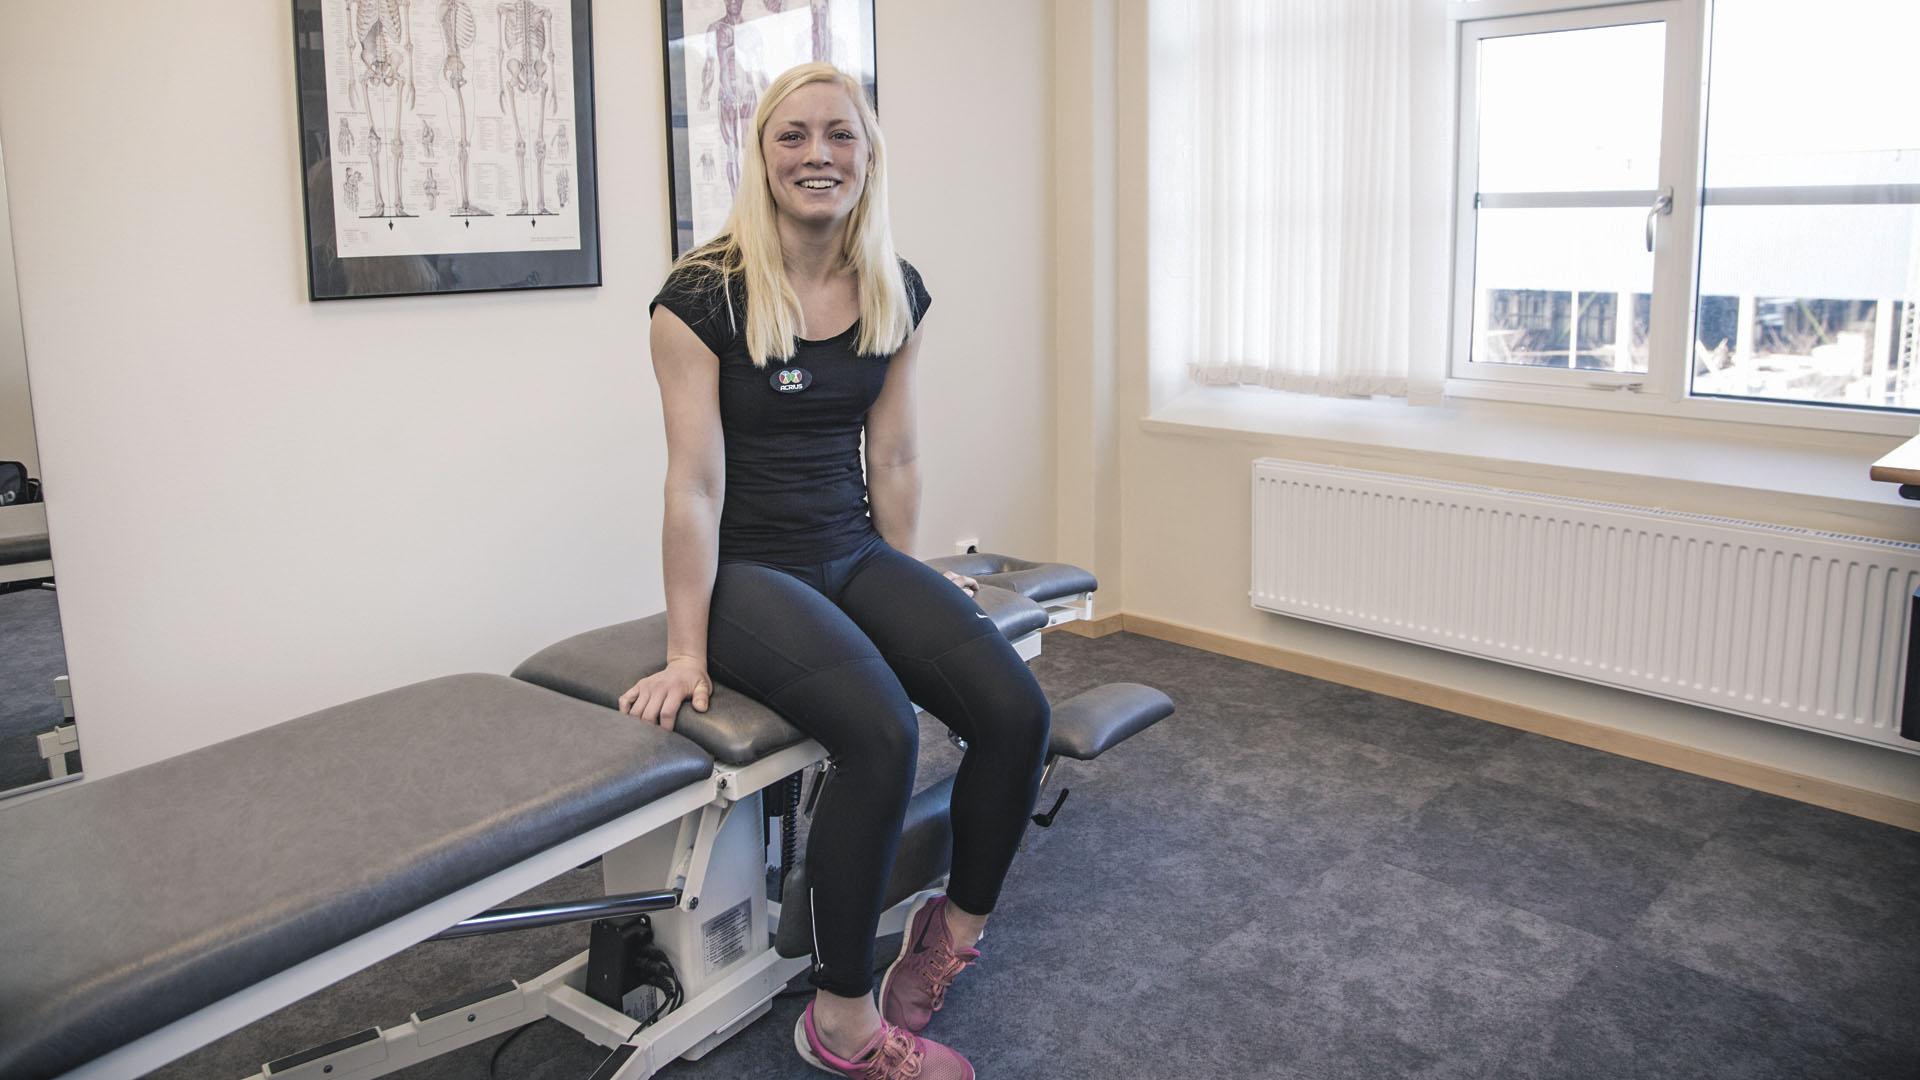 Foto på kvinnlig Personlig Tränare sittandes på behandlingsbänk